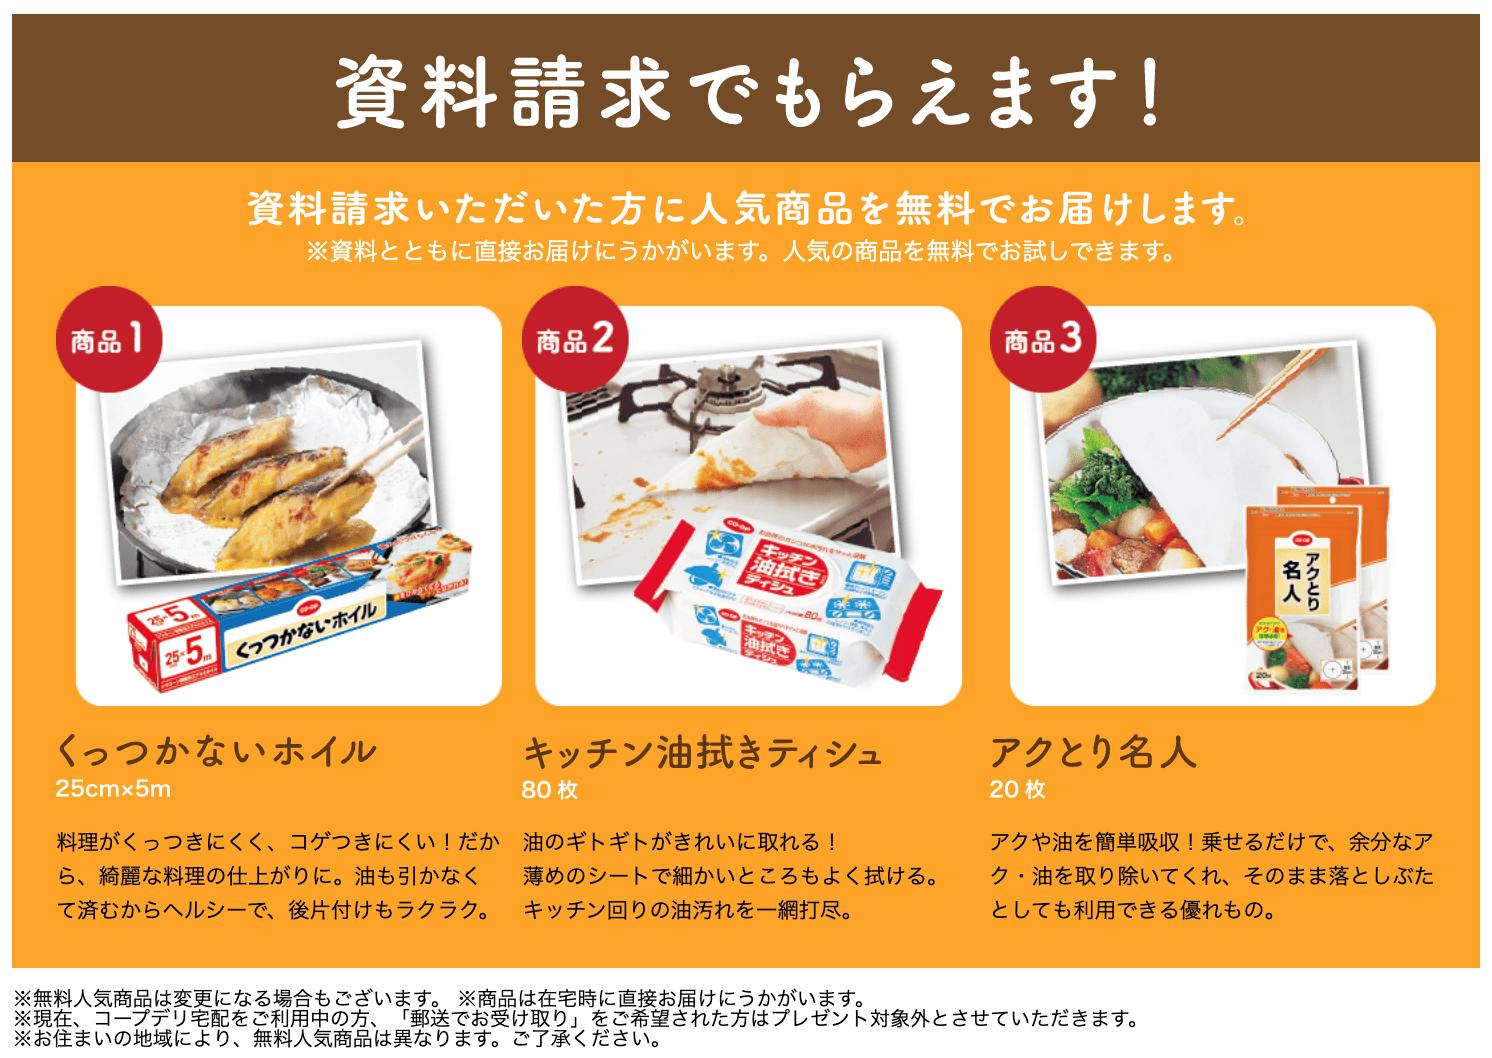 コープデリ・おうちコープ 人気商品の無料サンプル・プレゼント4